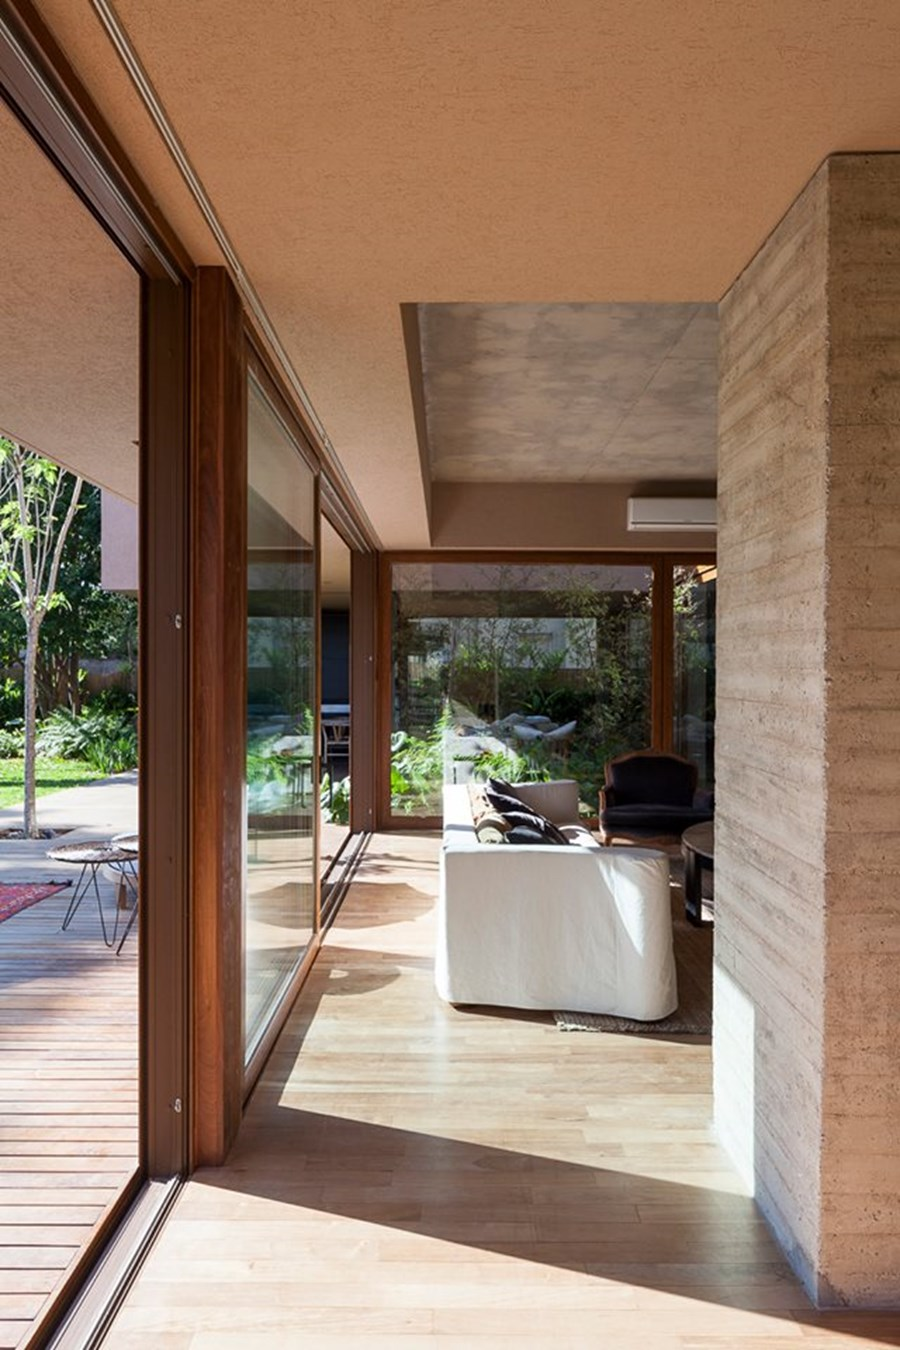 Casa Mirasoles by Andres Fernandez Abadie 10